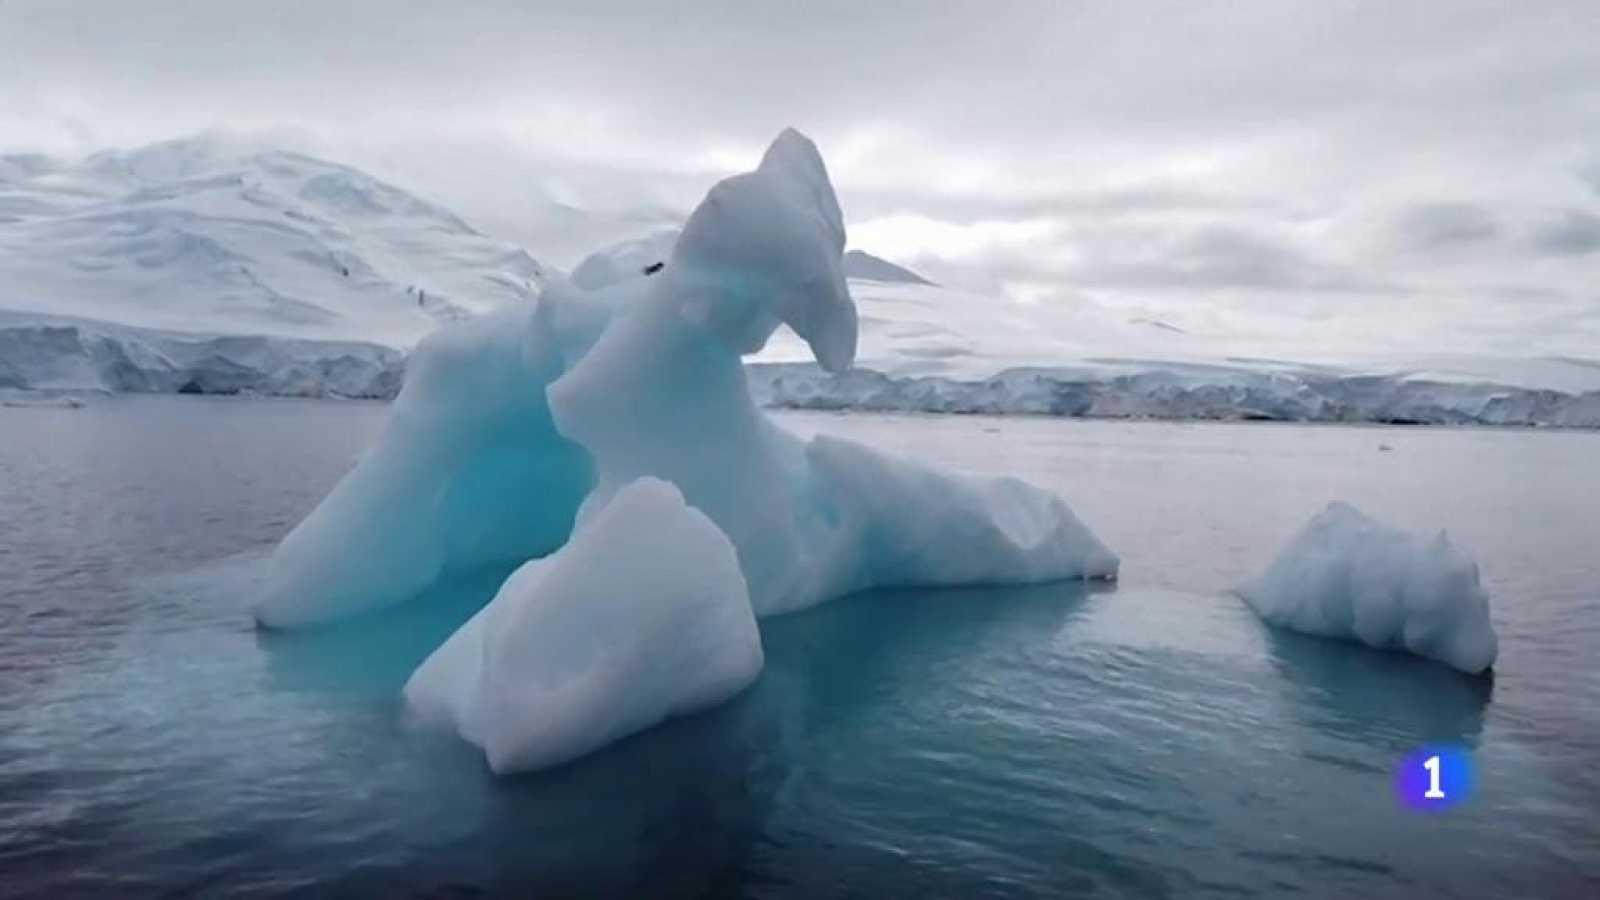 La Antártida registra su temperatura más alta de la historia: 18,3 grados